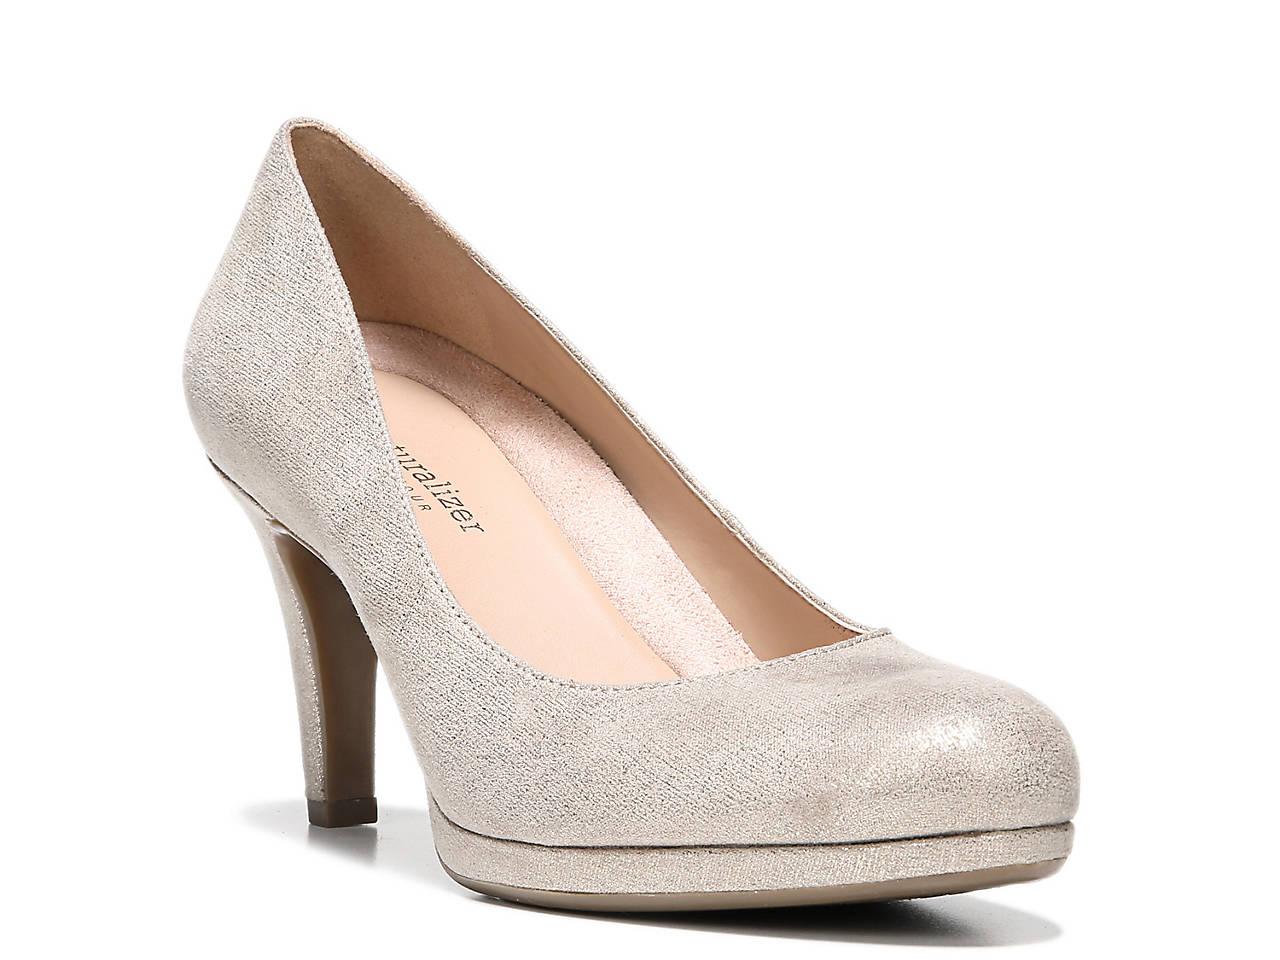 bddb6988b8c Naturalizer Michelle Platform Pump Women s Shoes